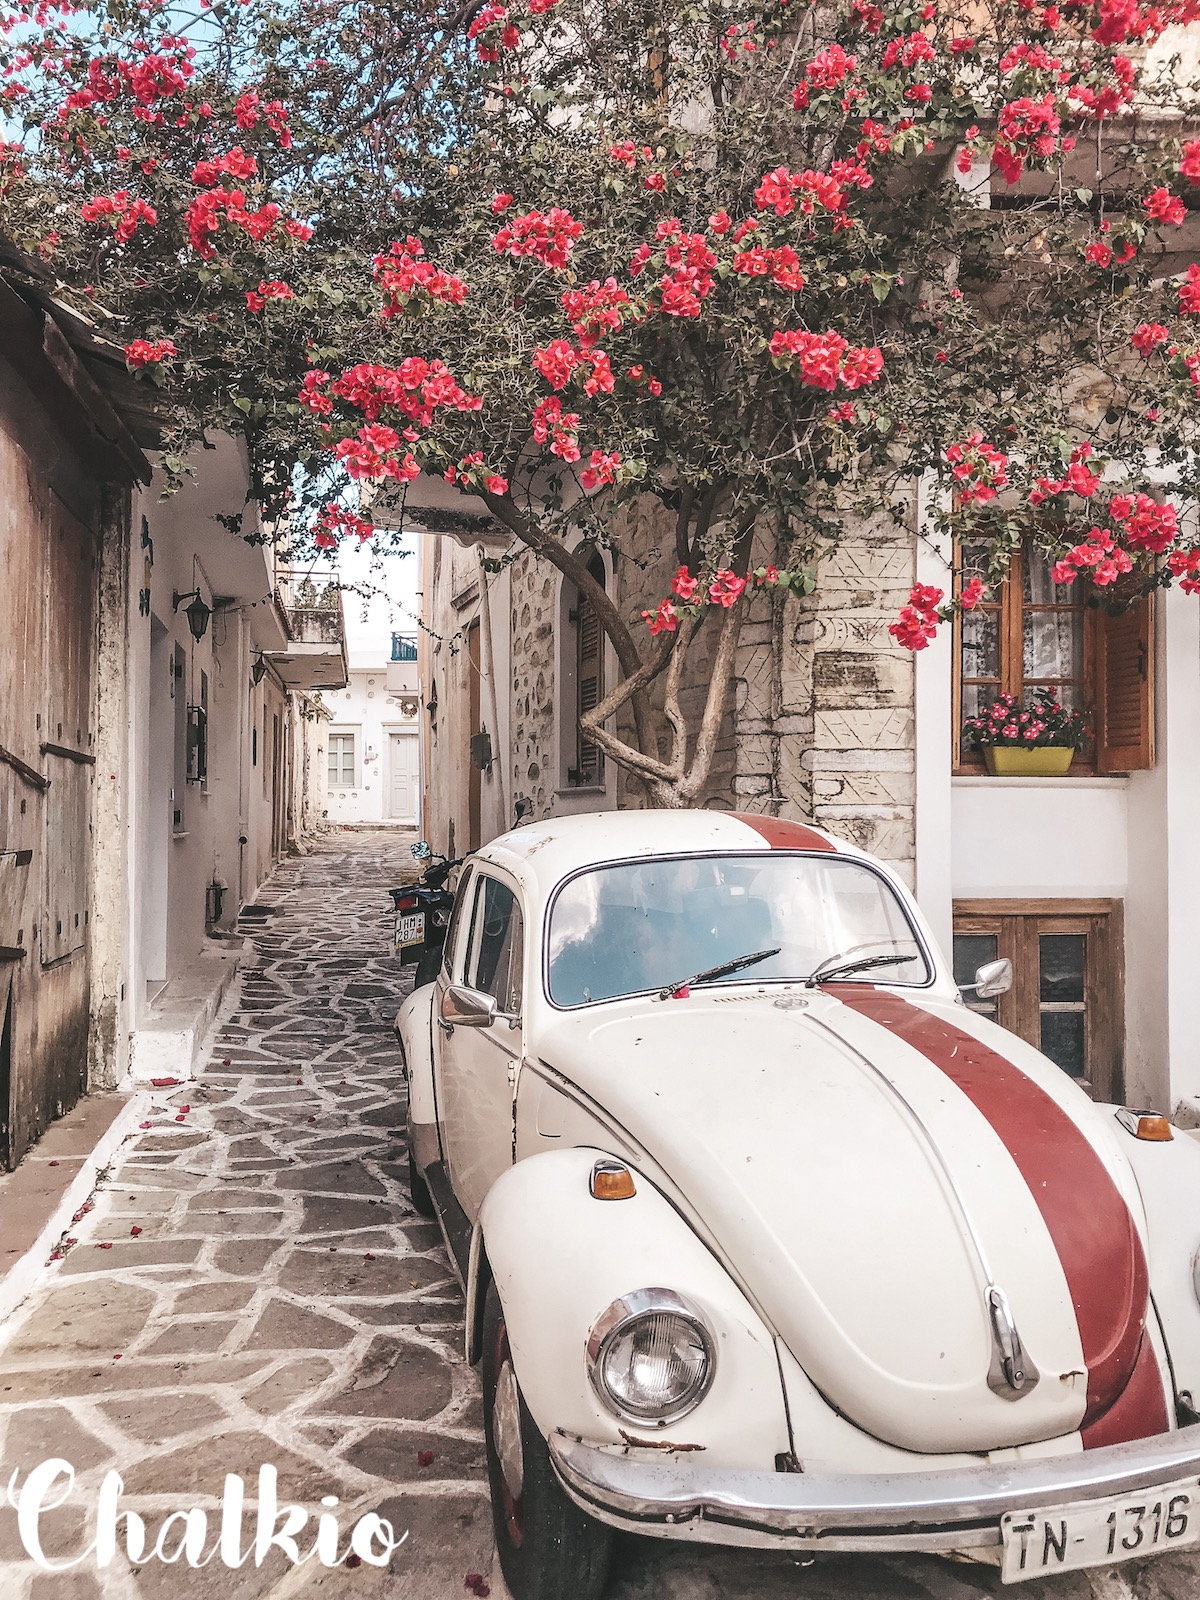 Naxos Travel Diary Reise Tipps Schönste Orte Schönste Strände der Insel Dorf Halki Chalkio